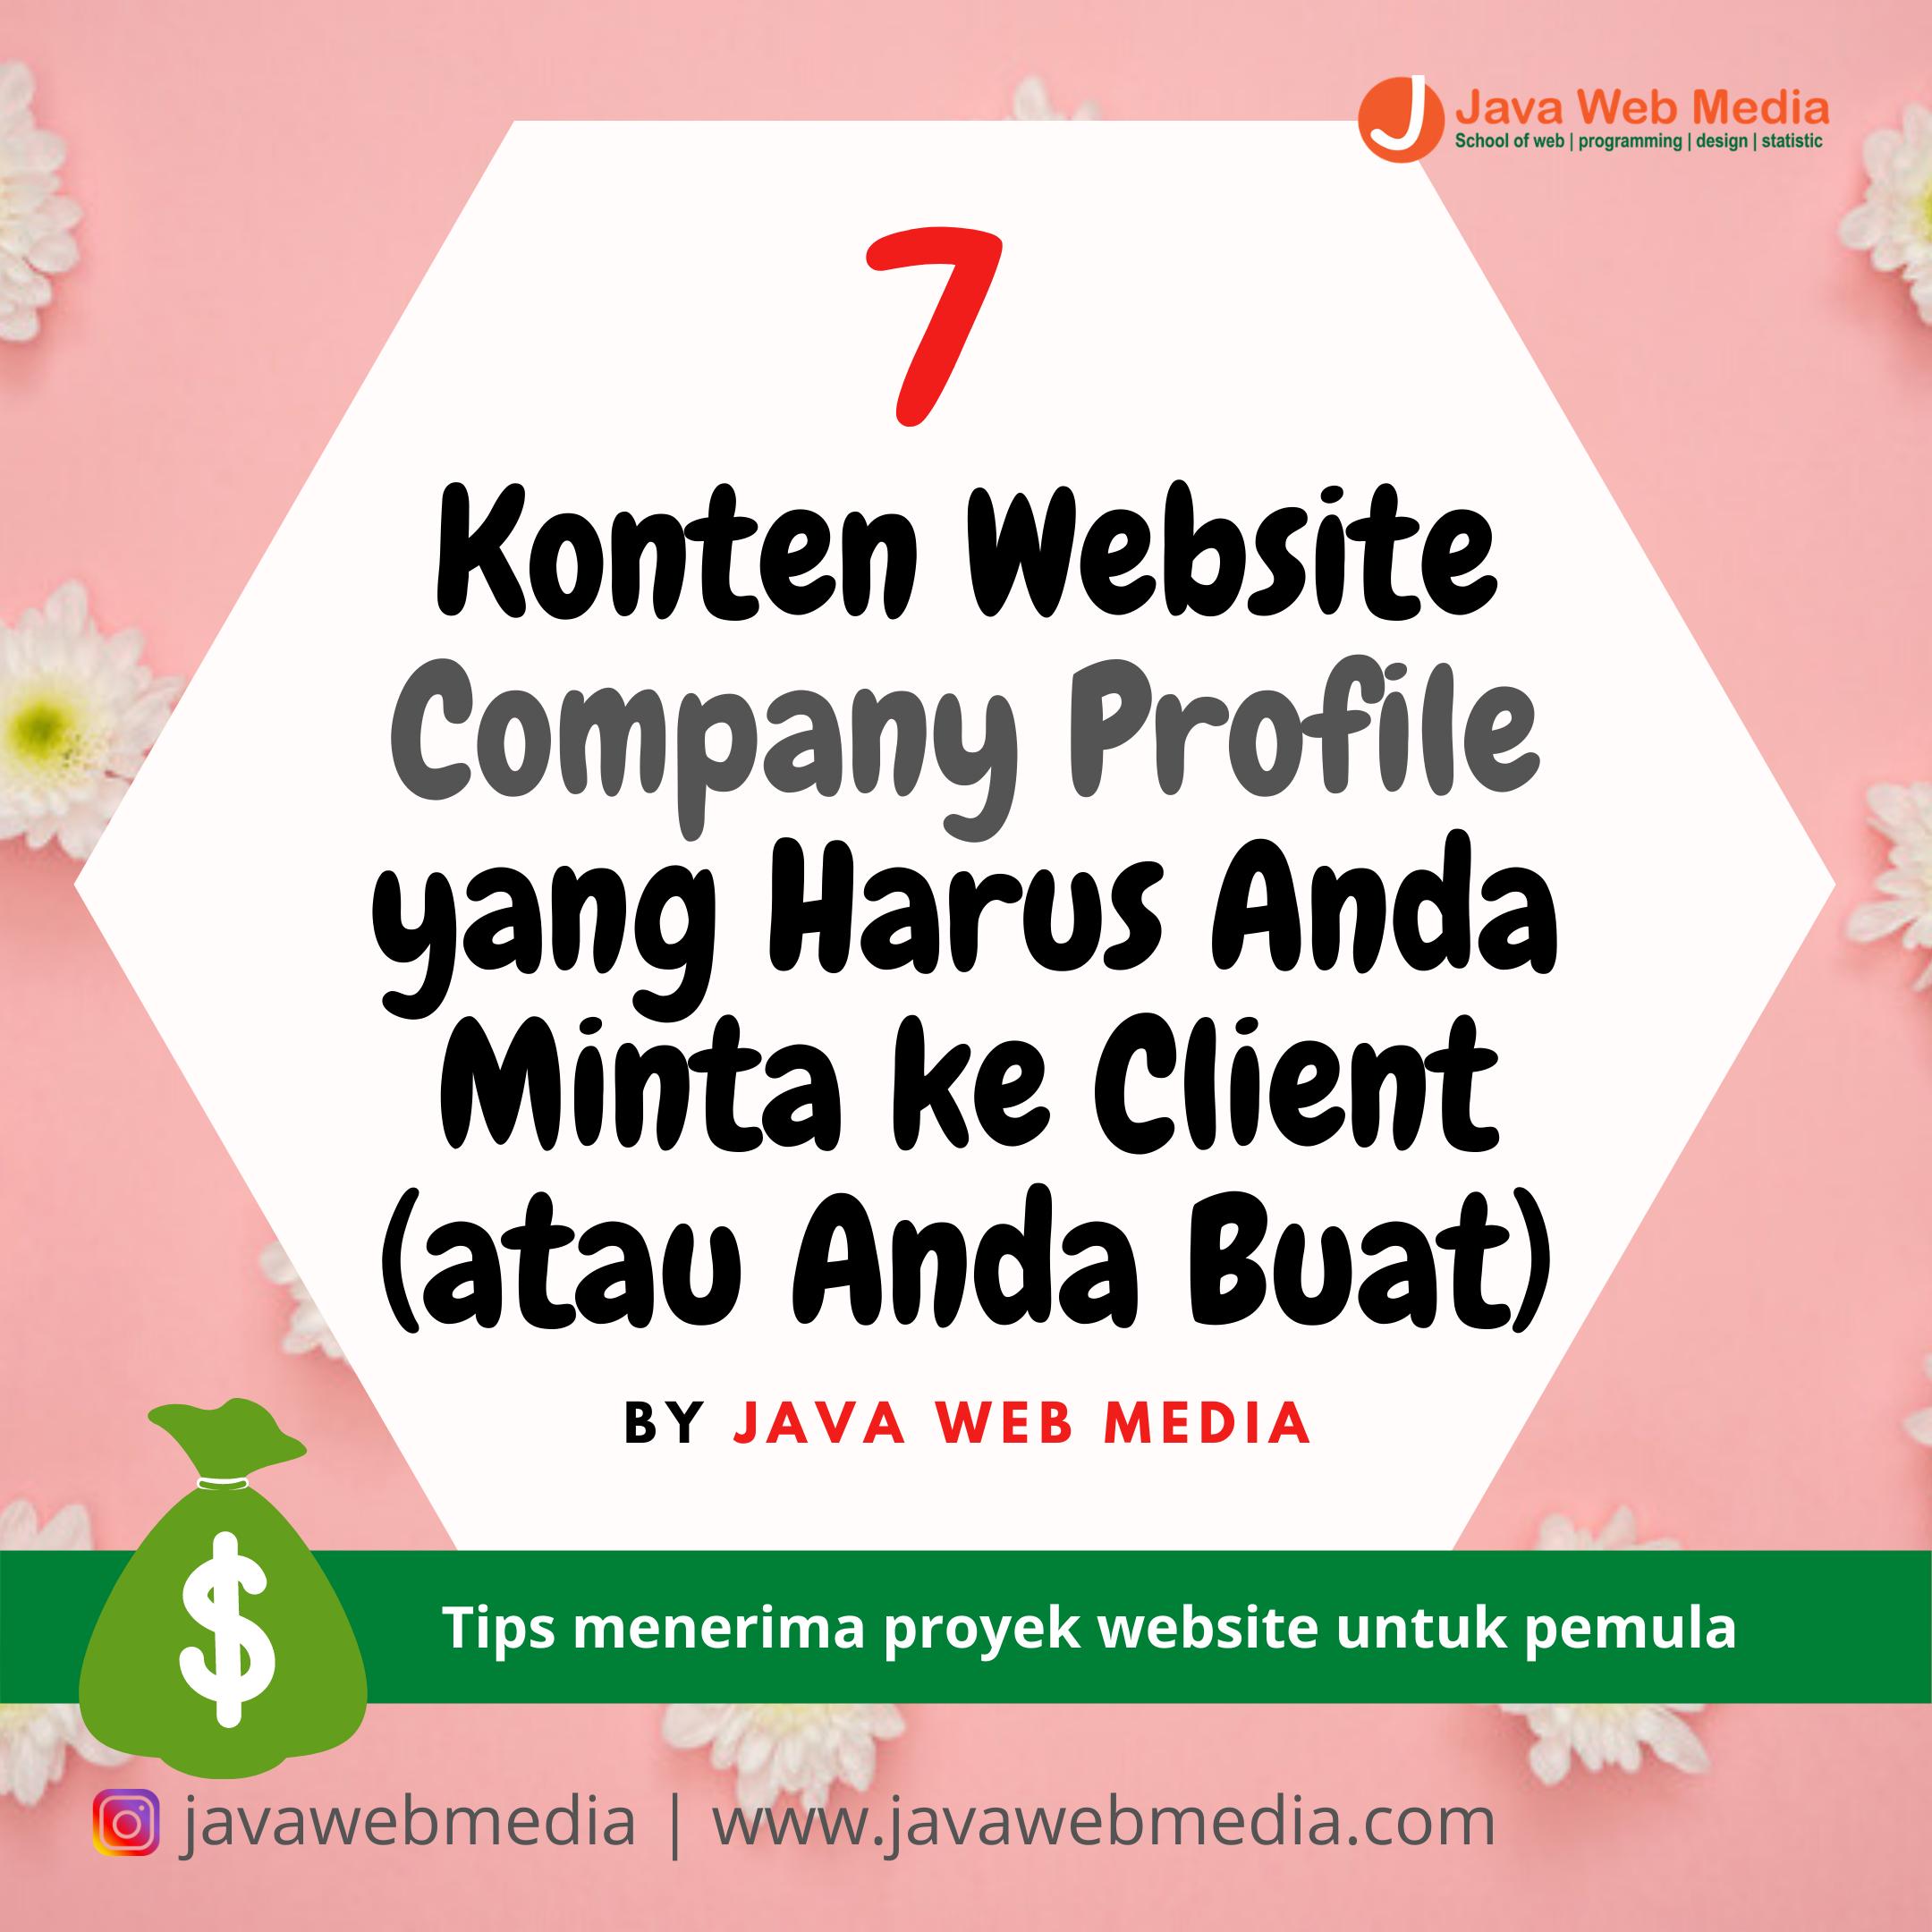 7  Konten Website Company Profile yang Harus Anda Minta ke Client (atau Anda Buat)